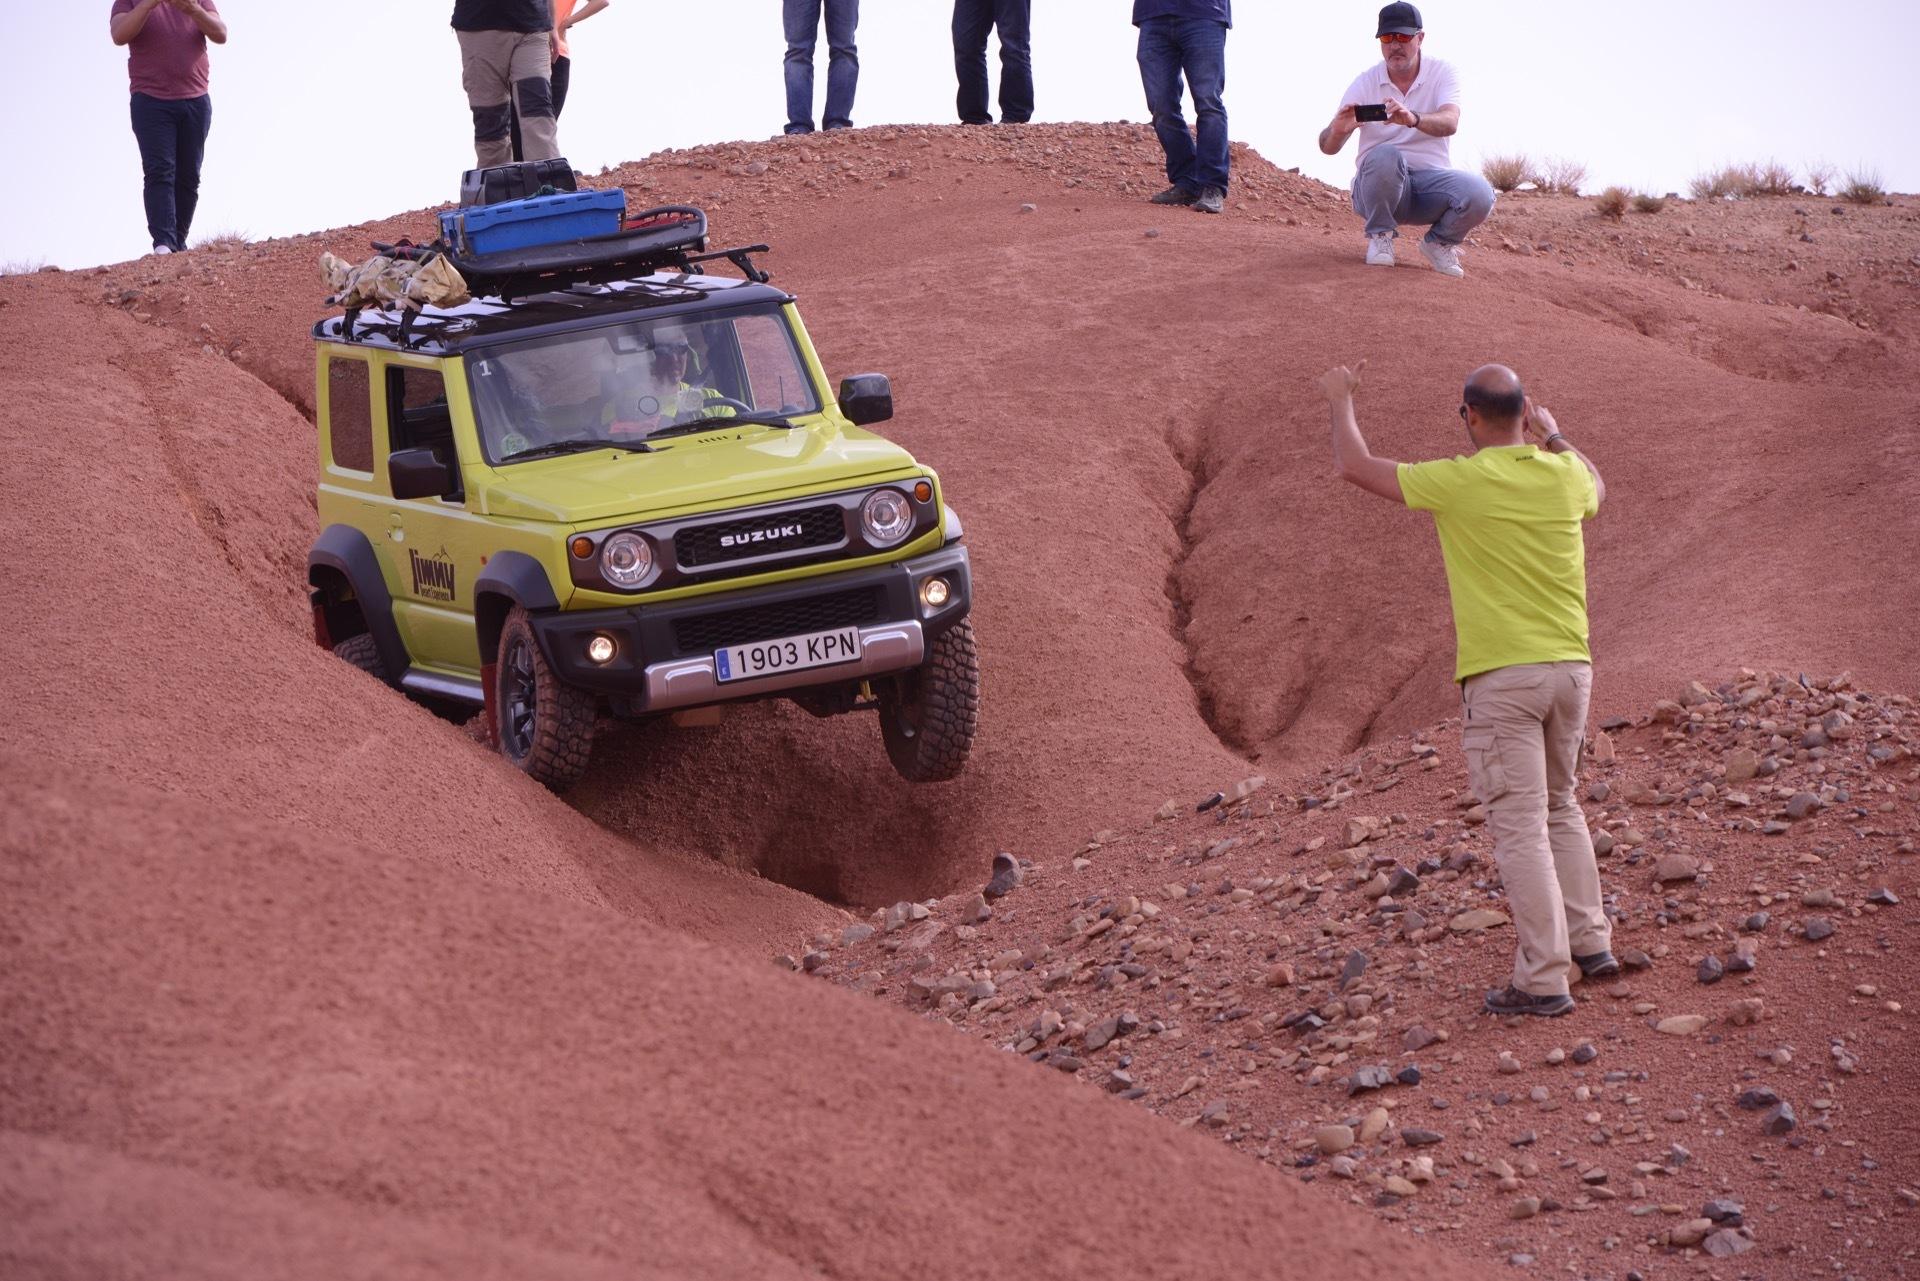 Suzuki Jimny Desert Experience 2019 00042